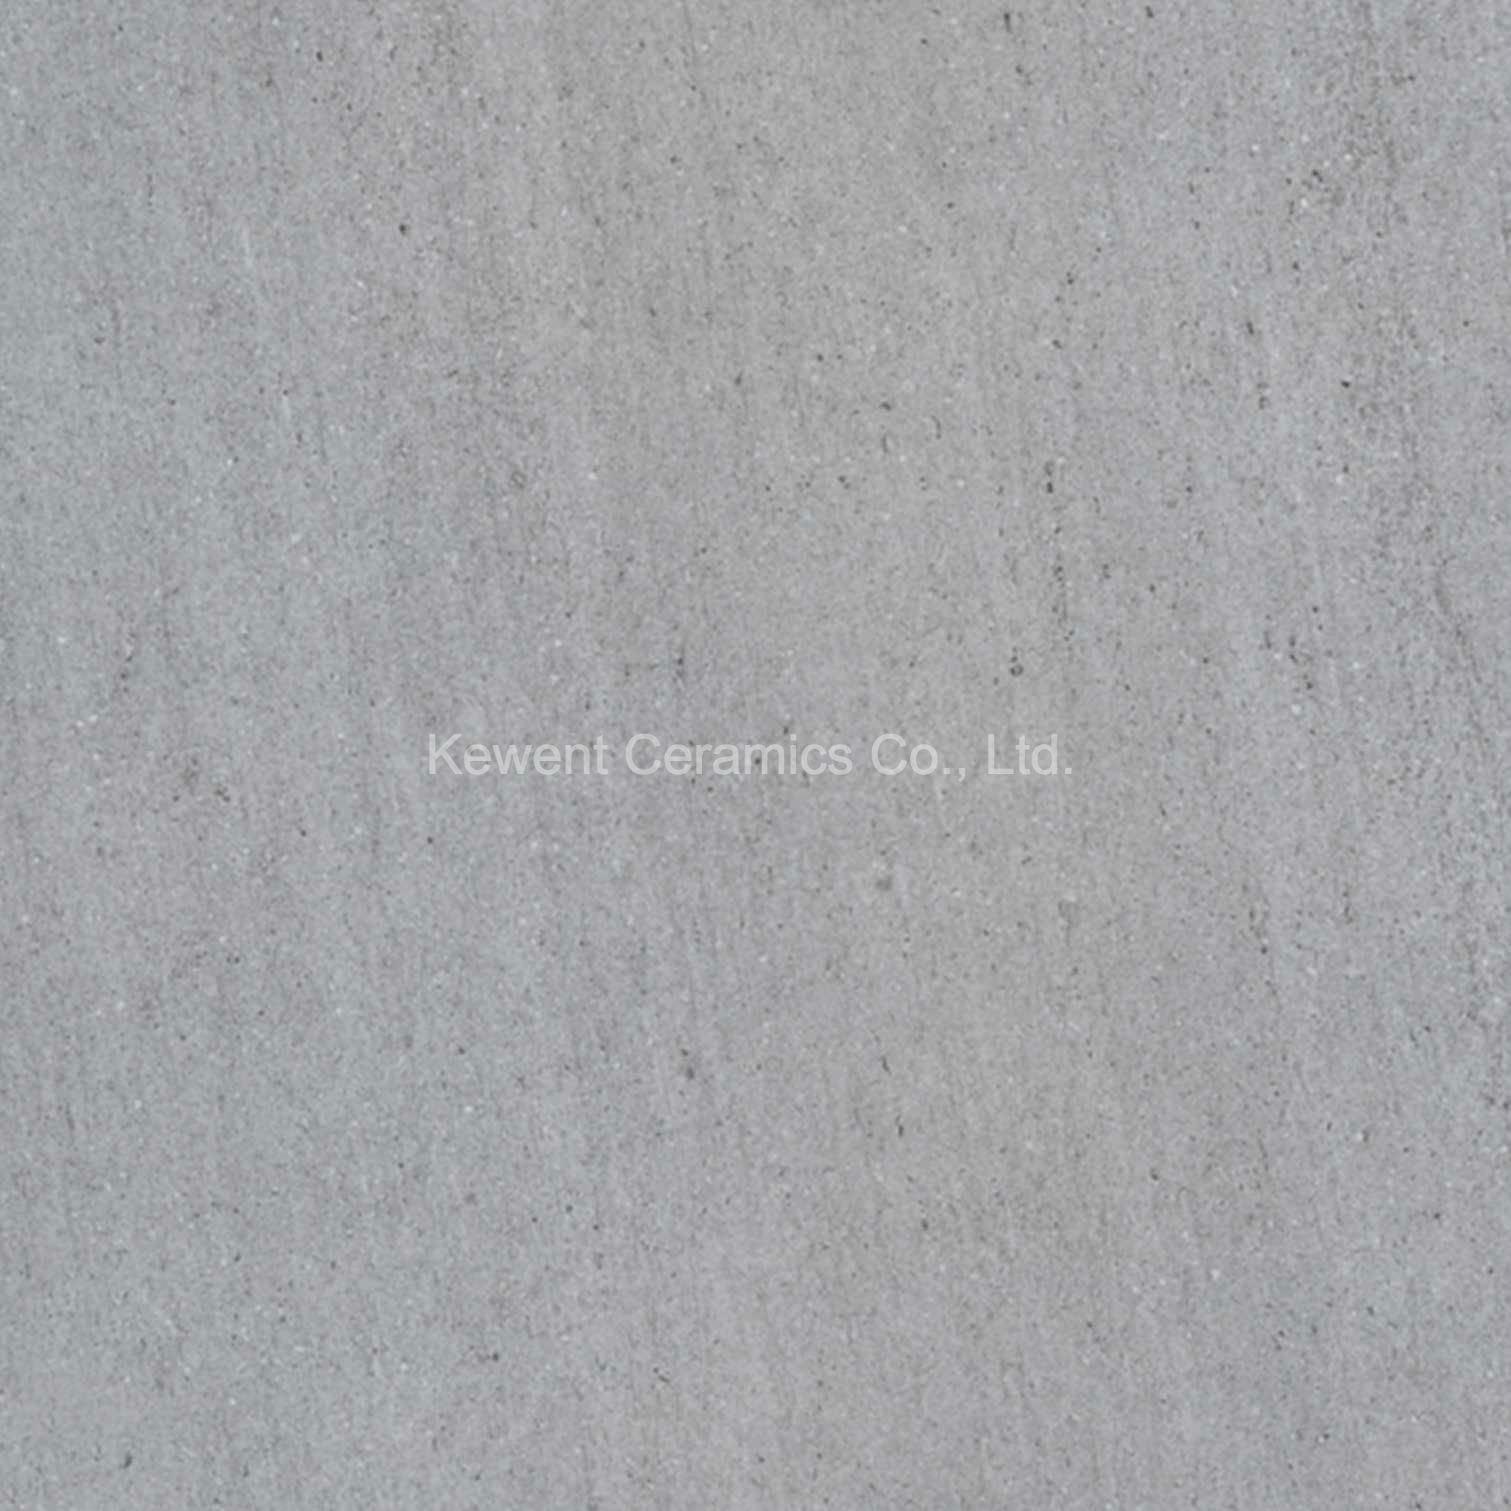 Matte Surface Rustic Glazed Porcelain Tile for Floor